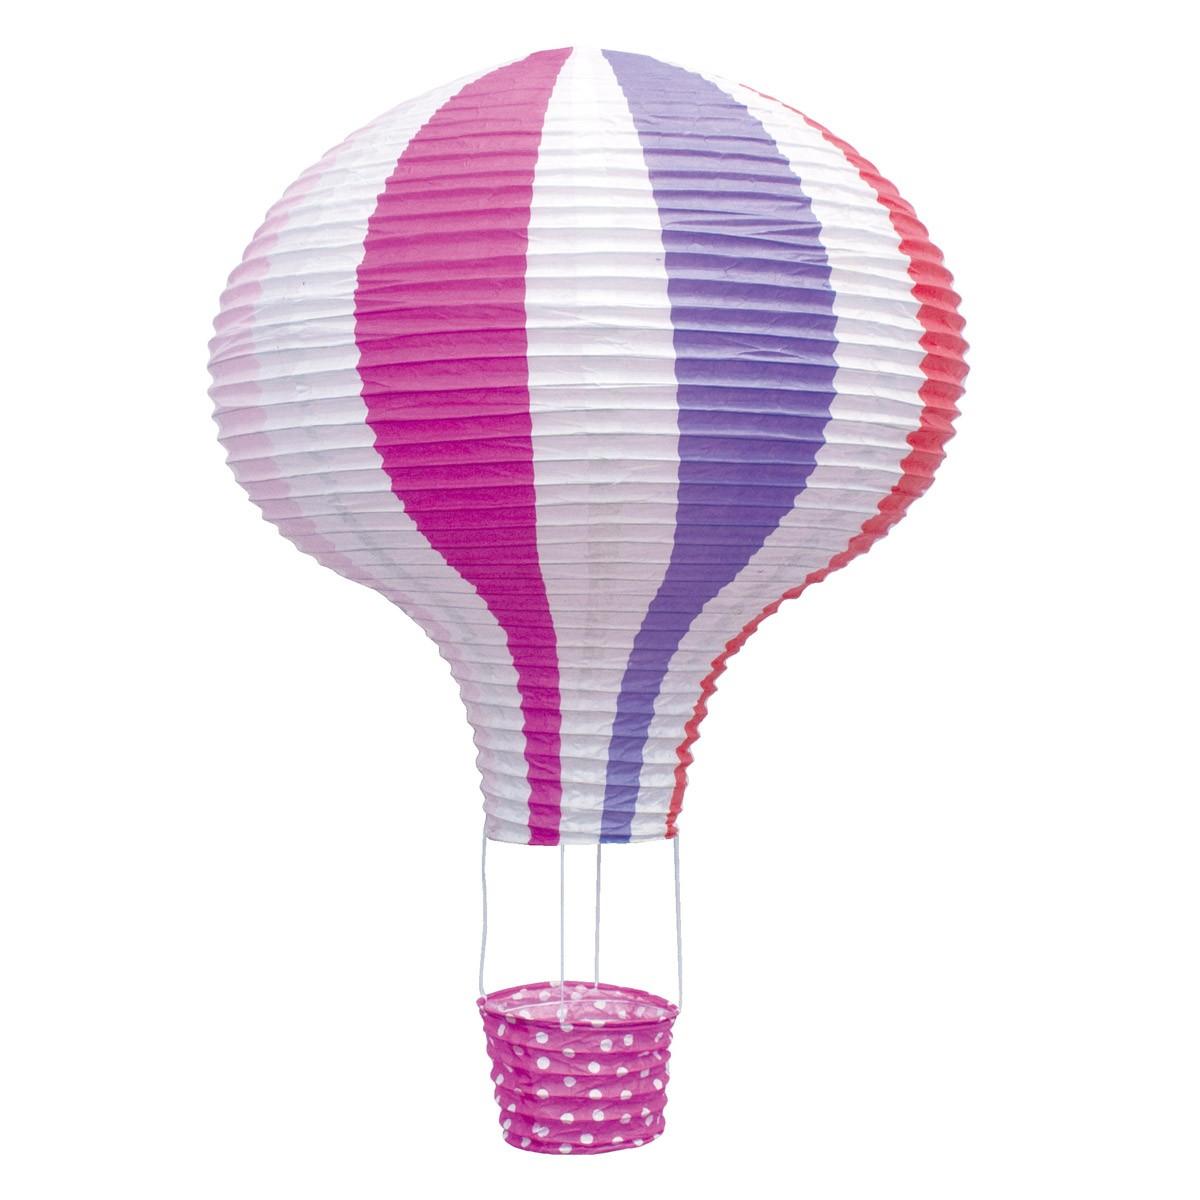 Ziemlich Heiluftballon Lampe Kinderzimmer Bilder - Die besten ...